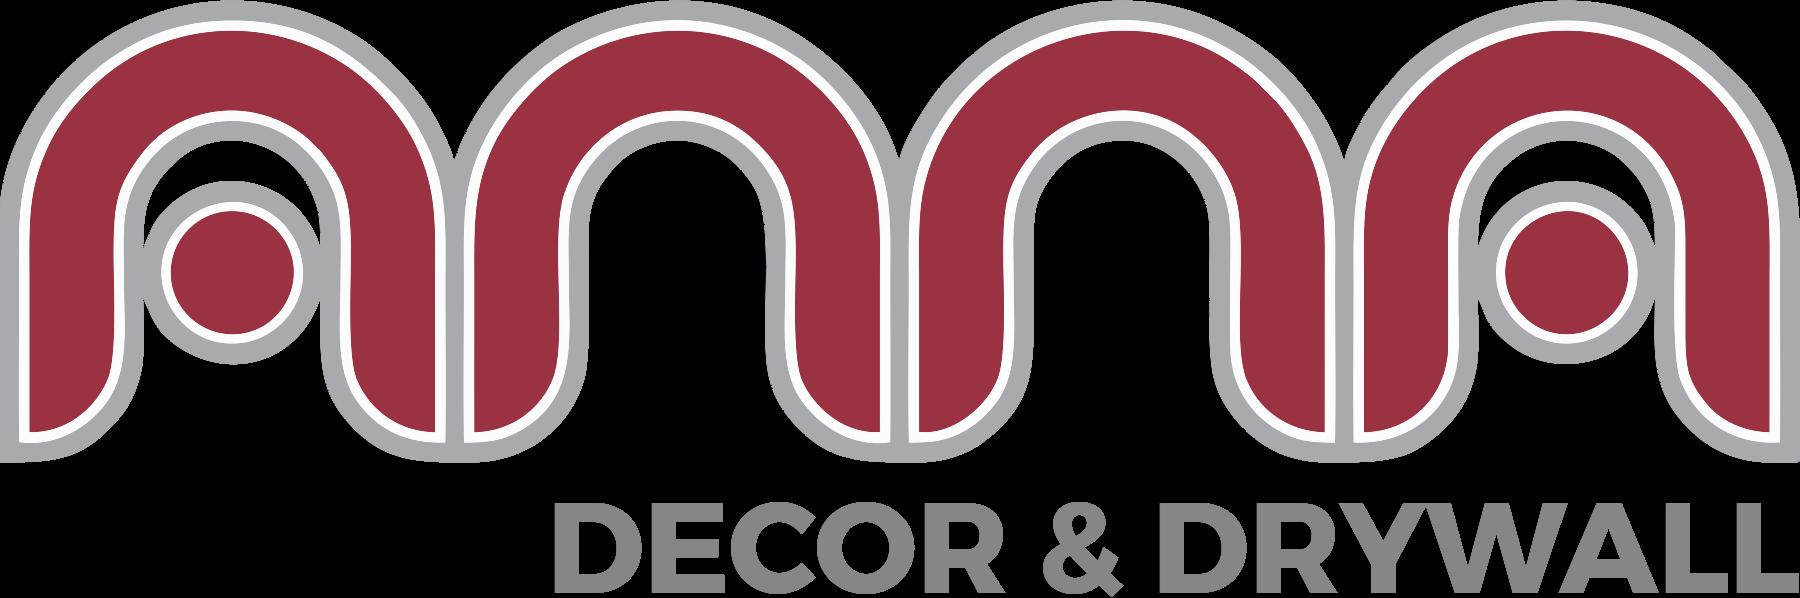 Anna Decor & Drywall